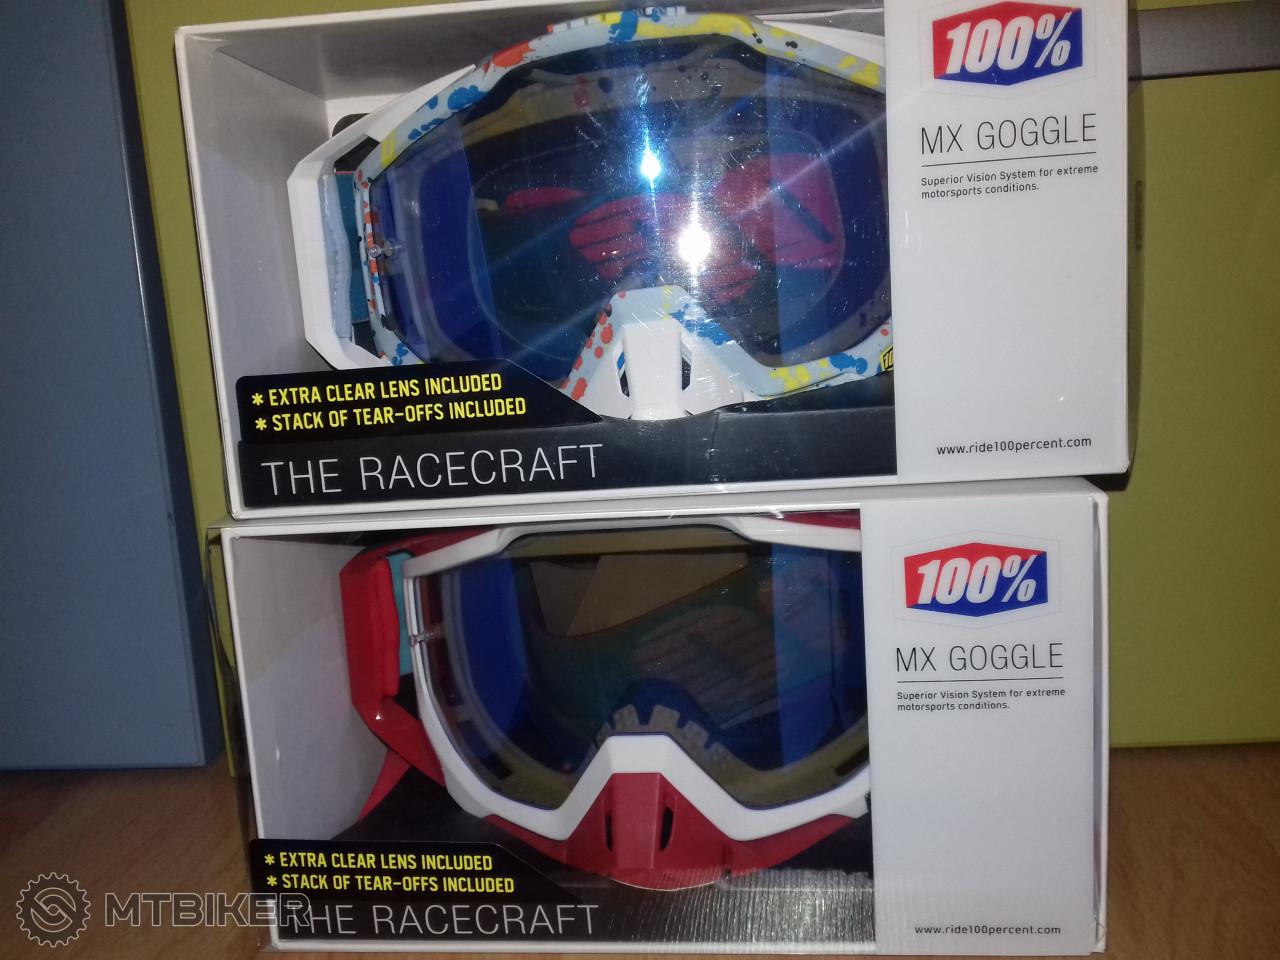 Predám 100% Racecraft Čisto Nové - Príslušenstvo - Okuliare - Bazár MTBIKER 61c0d74ca0d